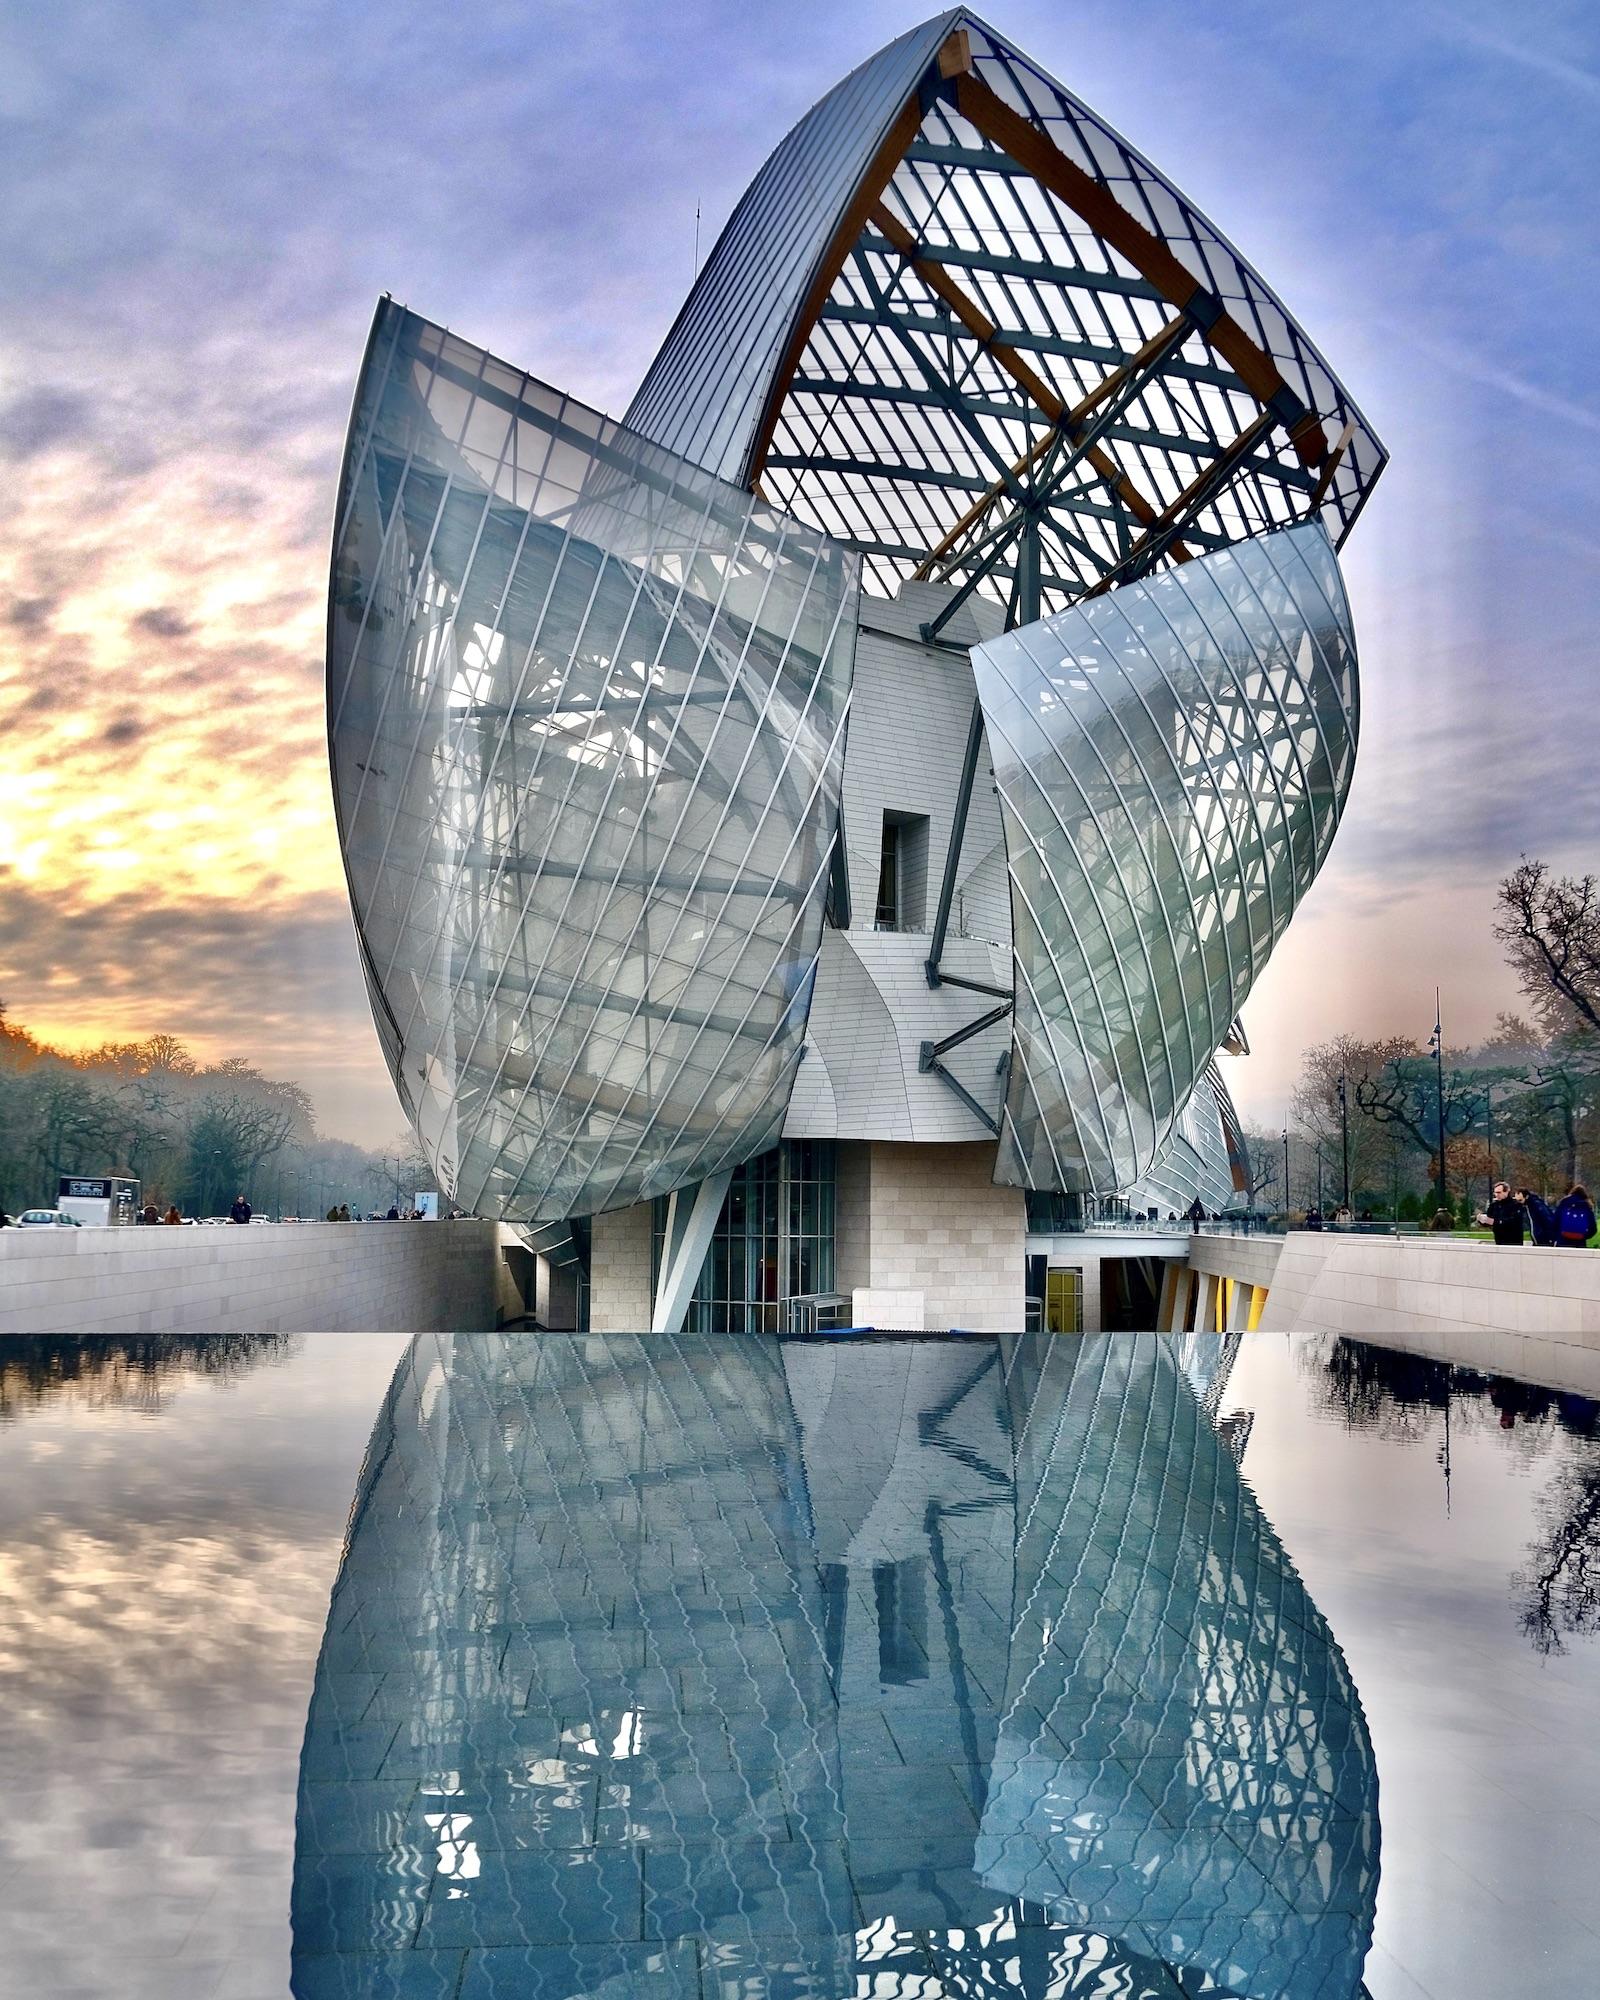 Fondation Louis Vuitton Reflection